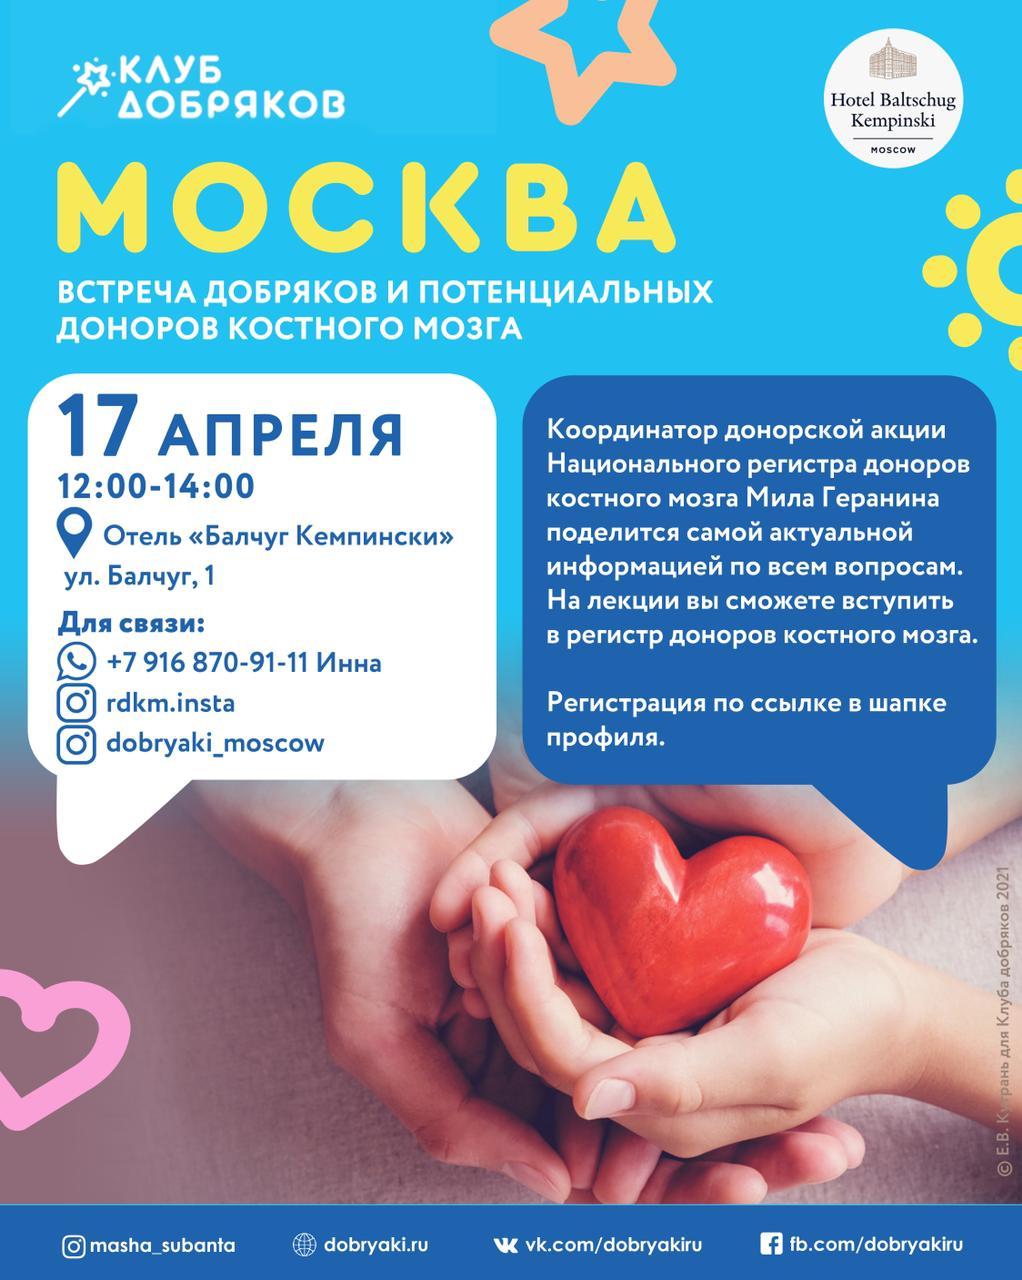 В Москве пройдет встреча потенциальных доноров костного мозга